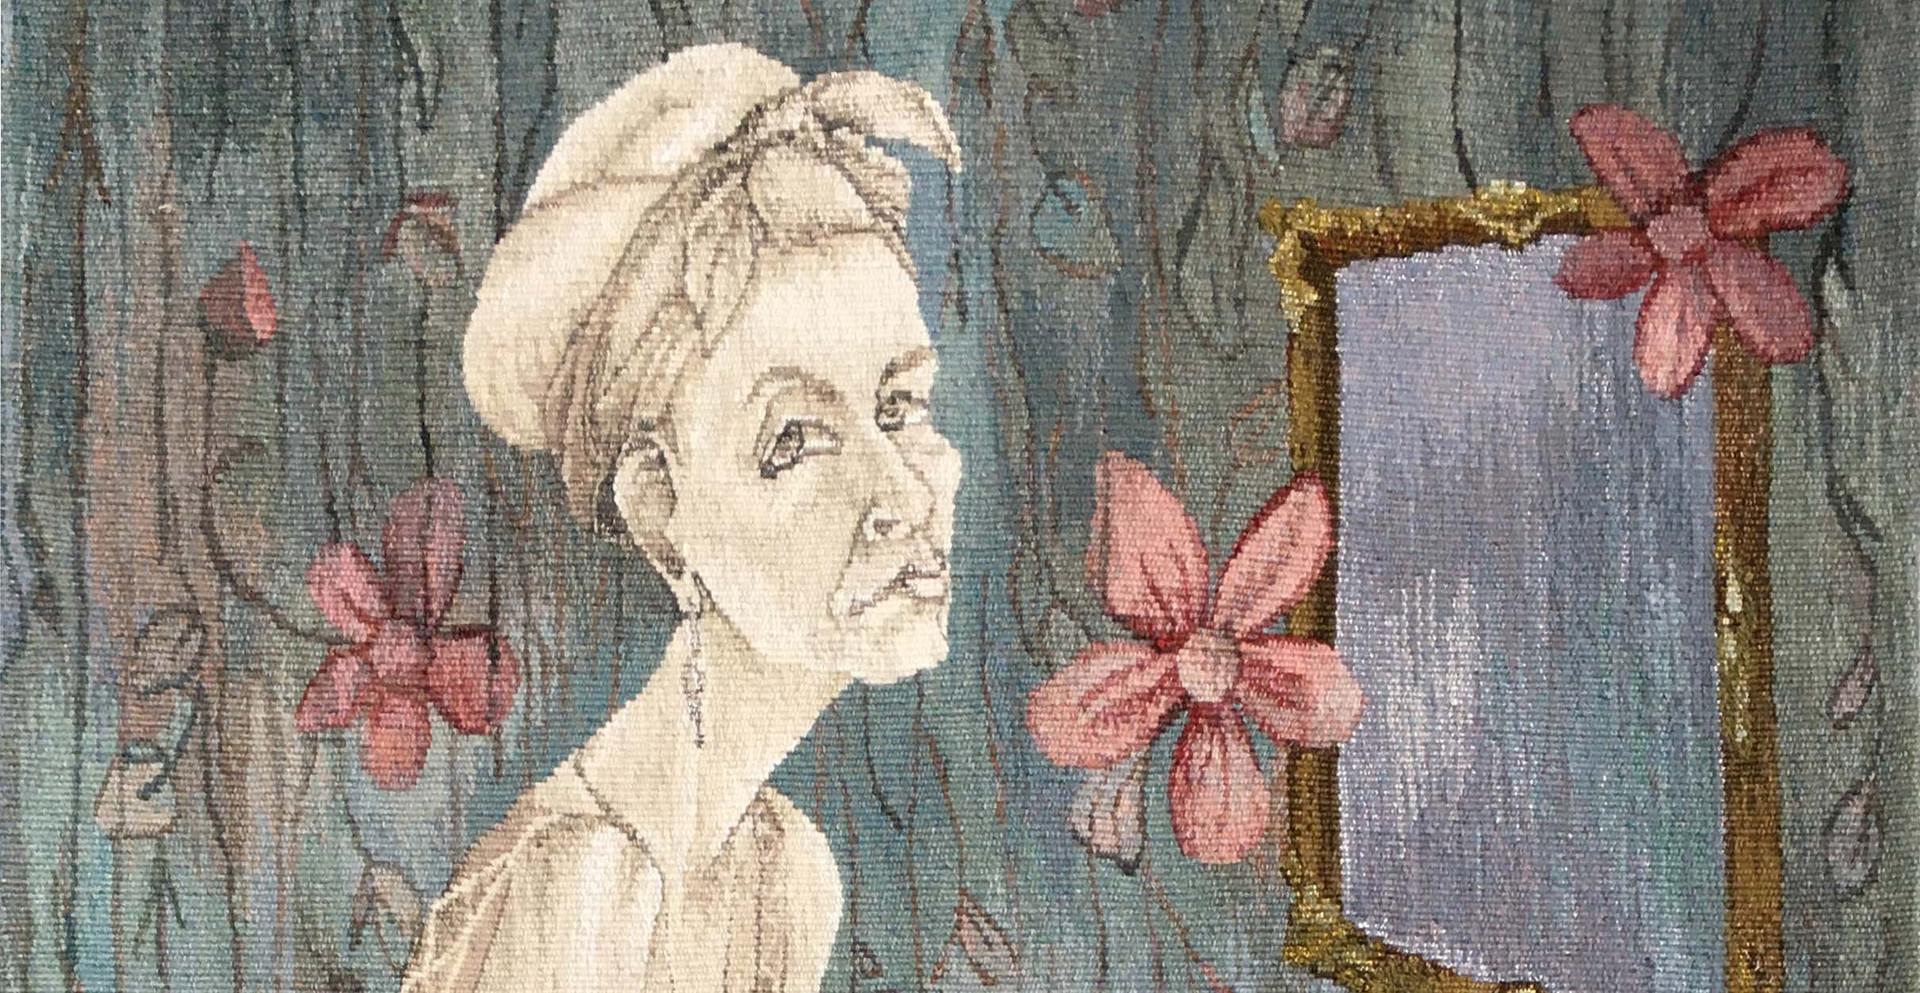 Irma in her Boudoire-tapestry 1